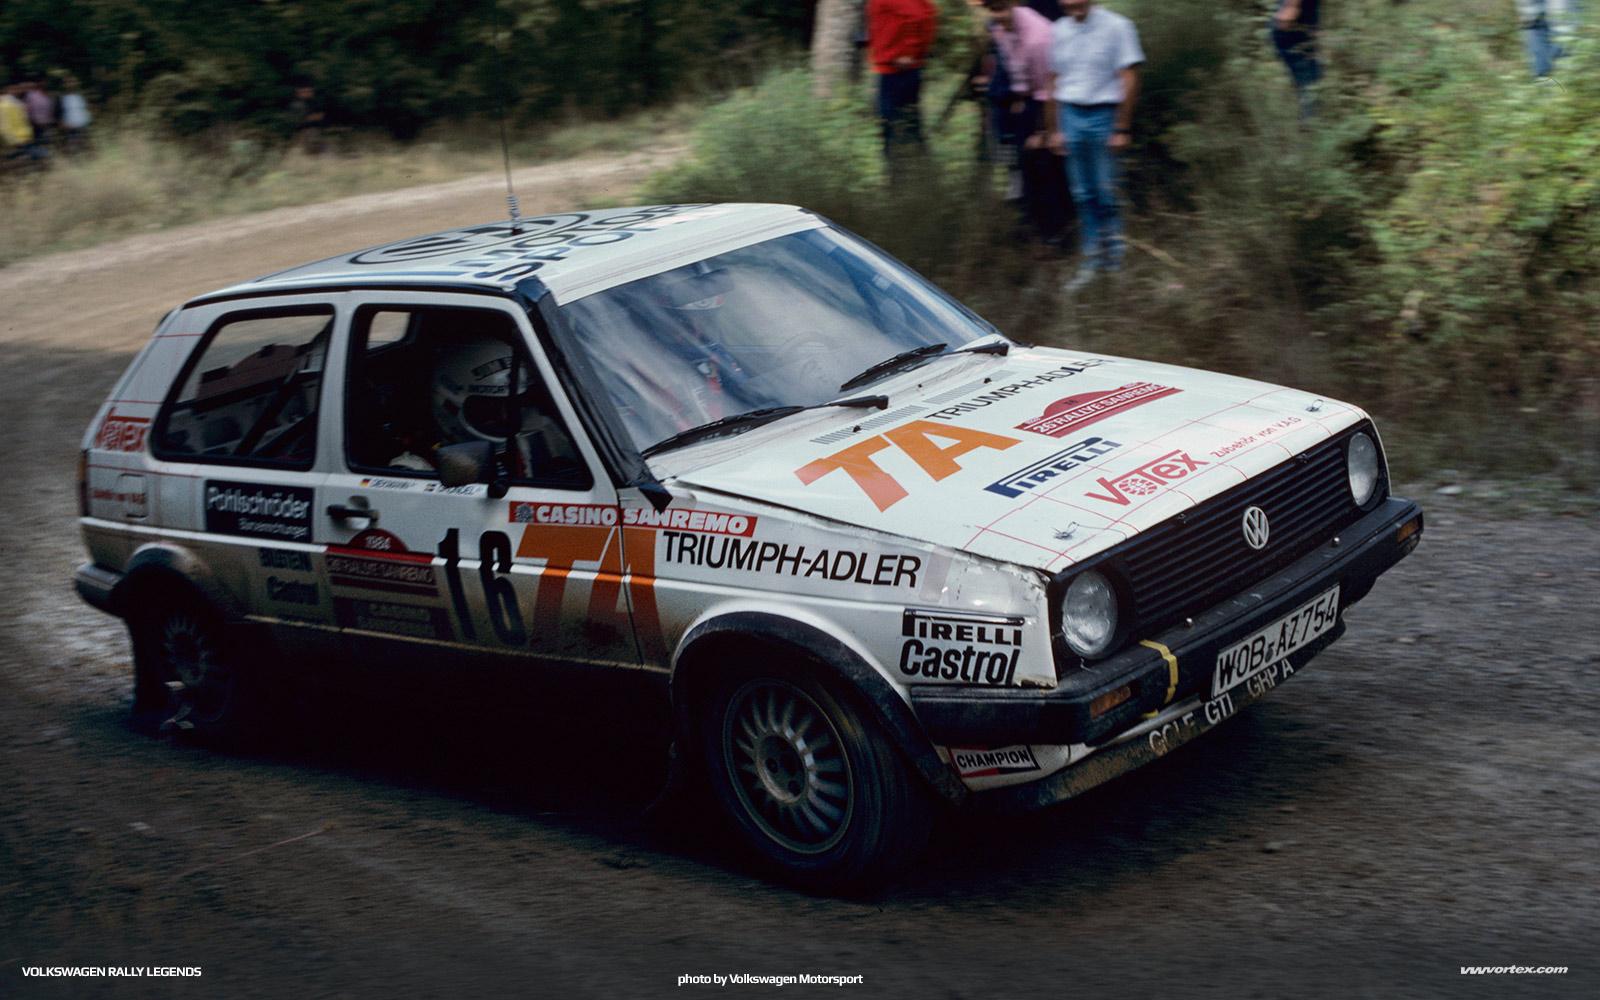 volkswagen-rally-legends-397